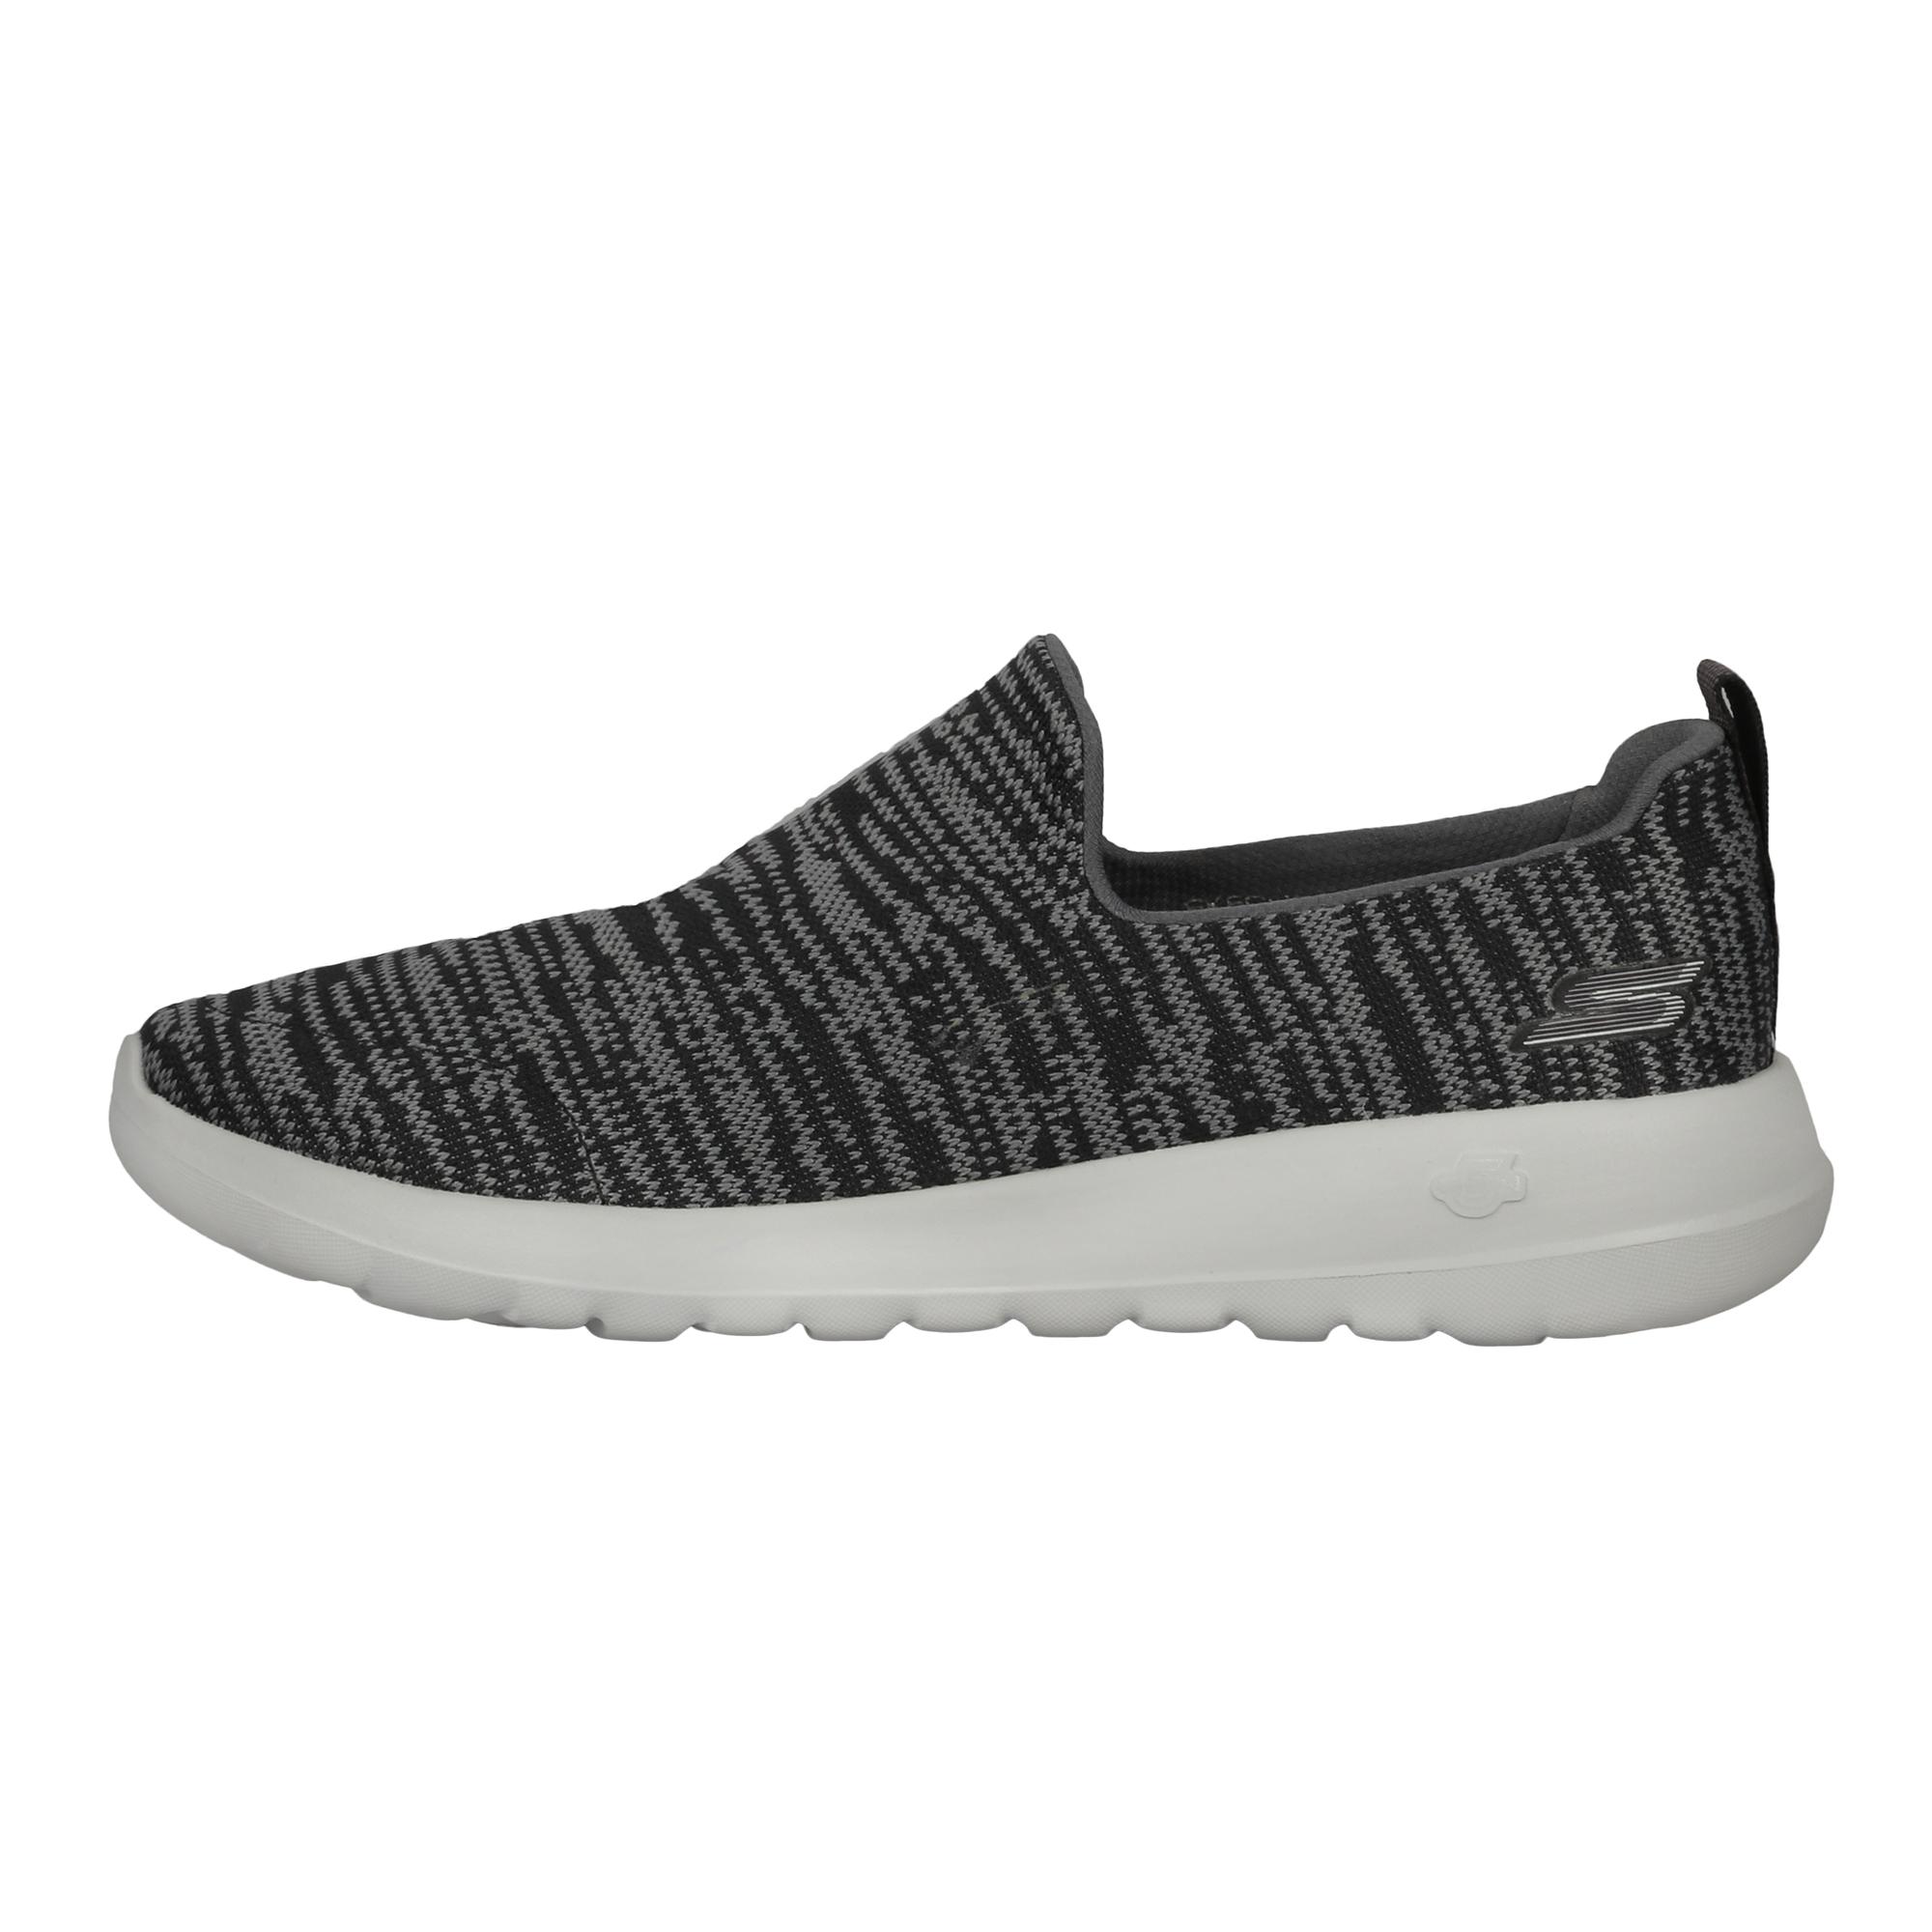 قیمت خرید کفش راحتی مردانه کد 54602 اورجینال